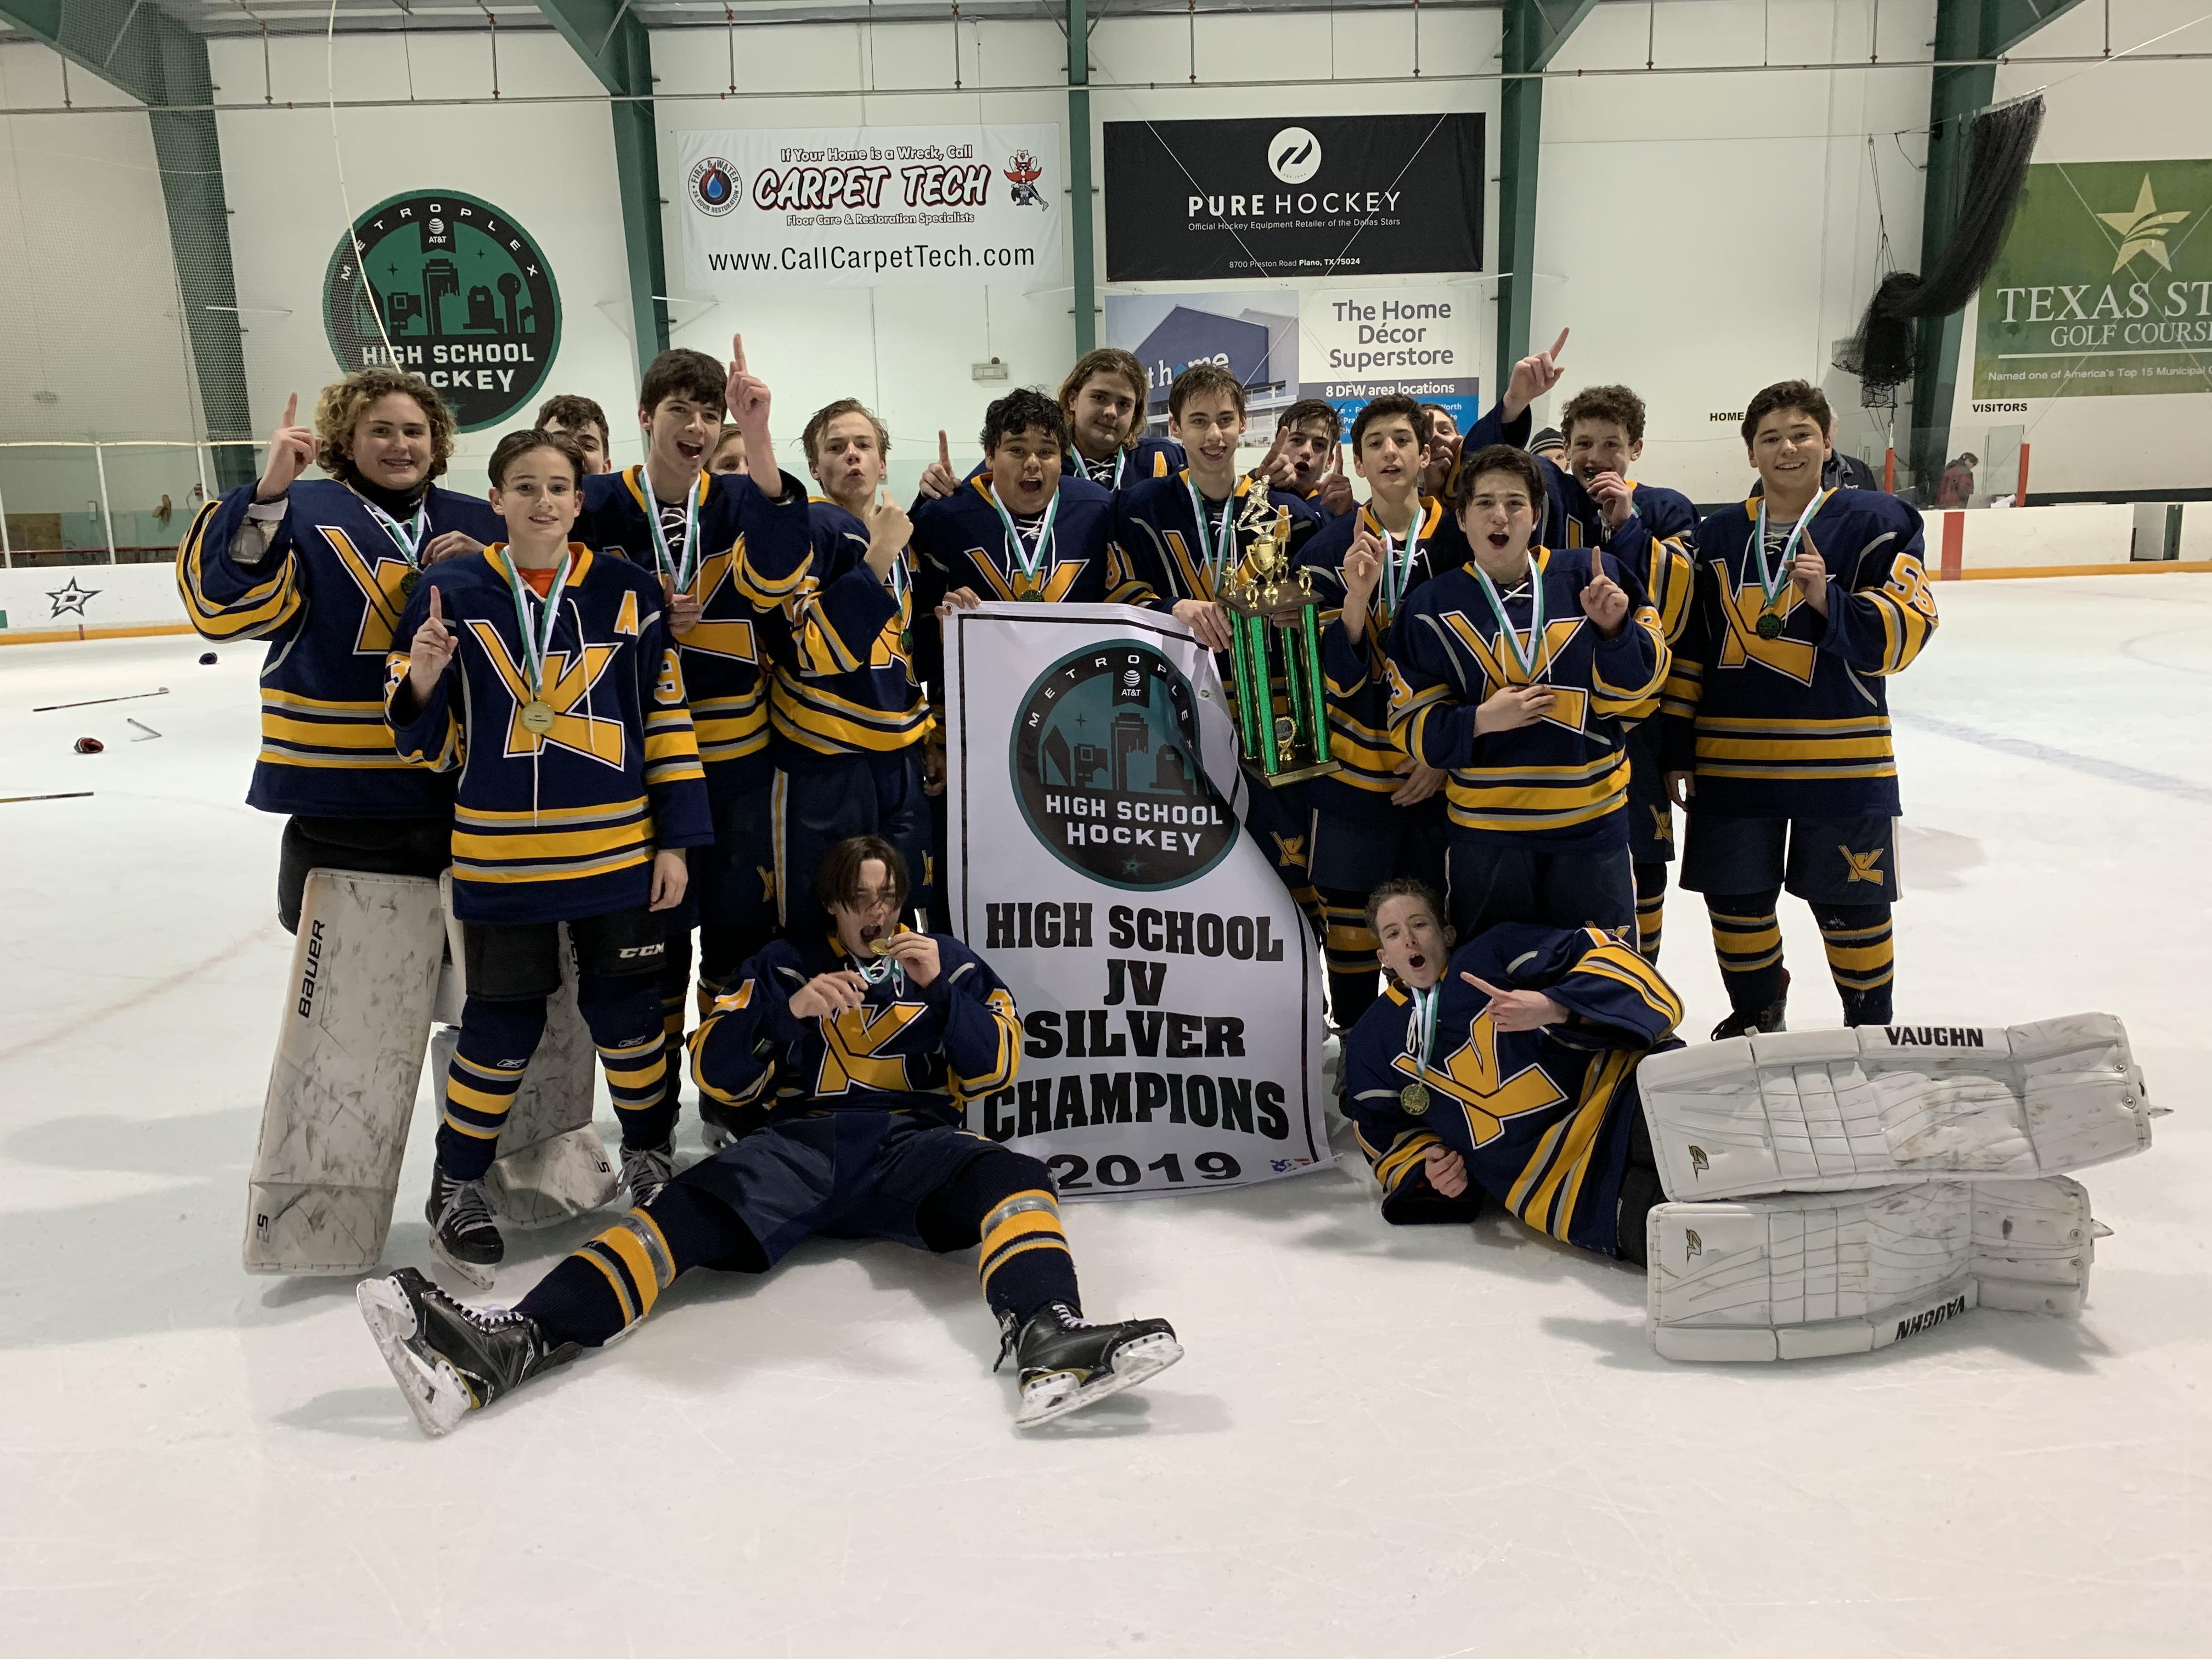 Keller JVS Champions